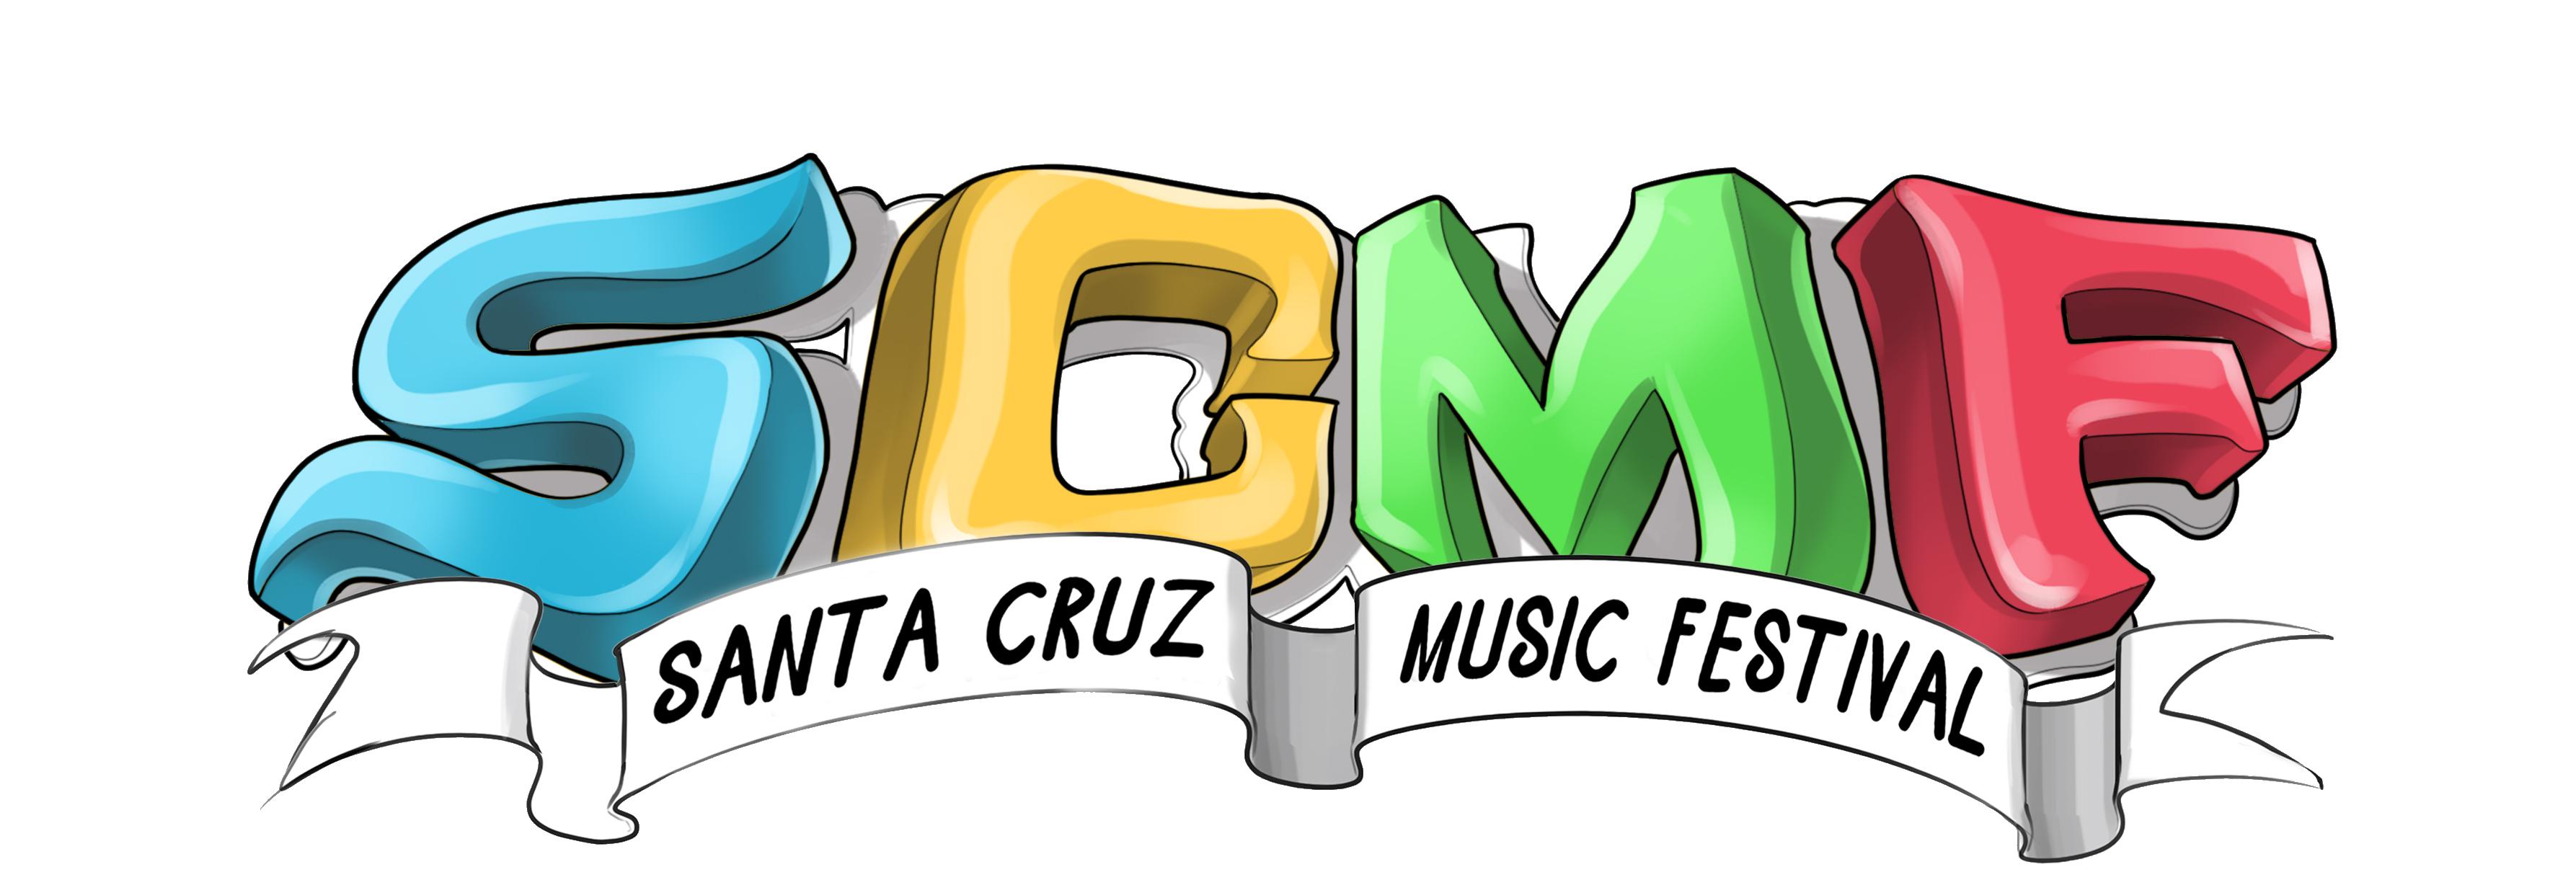 Santa Cruz Music Festival